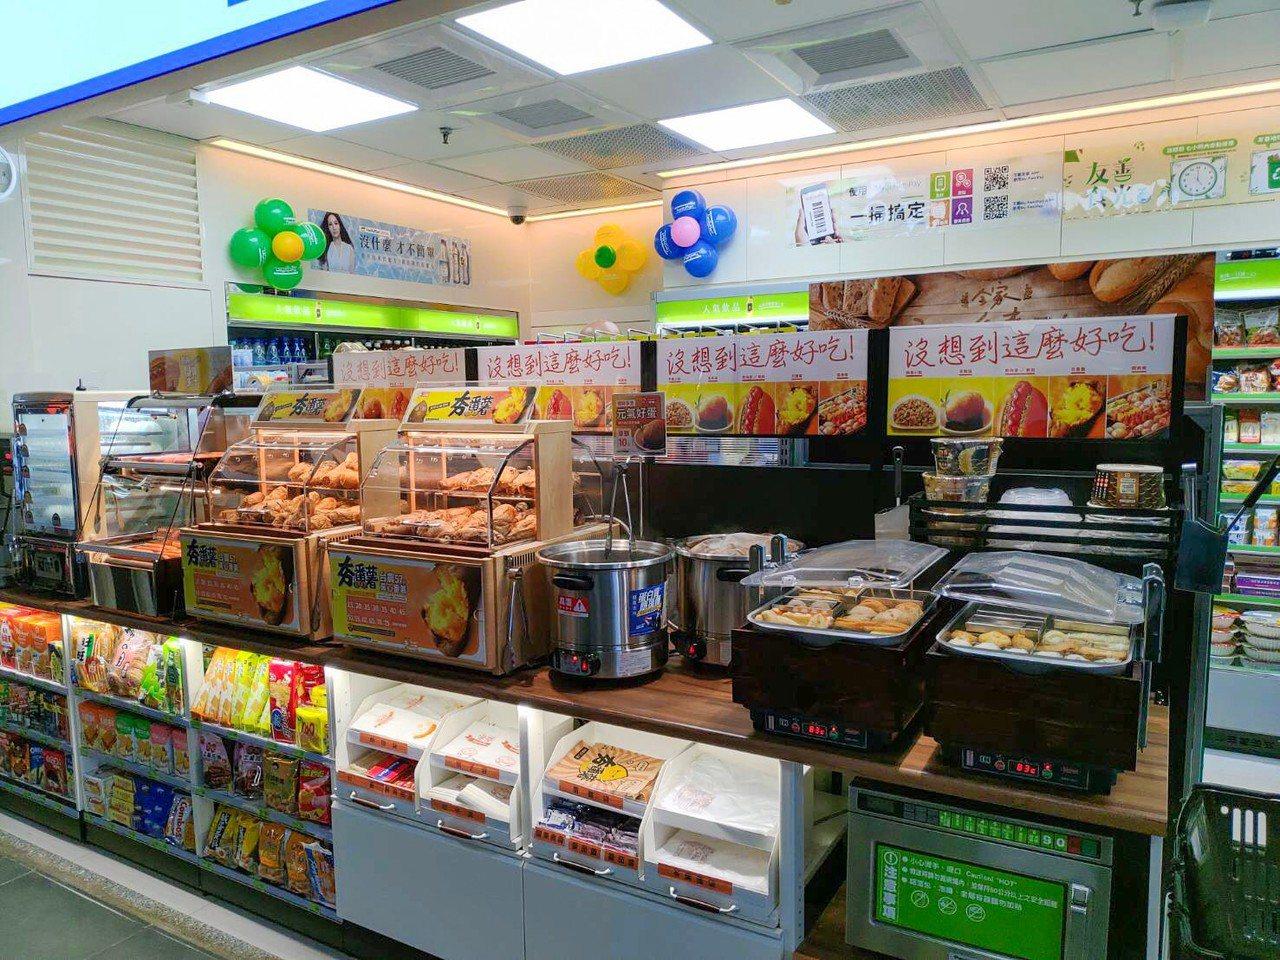 全家便利商店的台鐵據點如果是通勤族轉乘據點,會以鮮食、飲品為主力商品,備貨量較一...